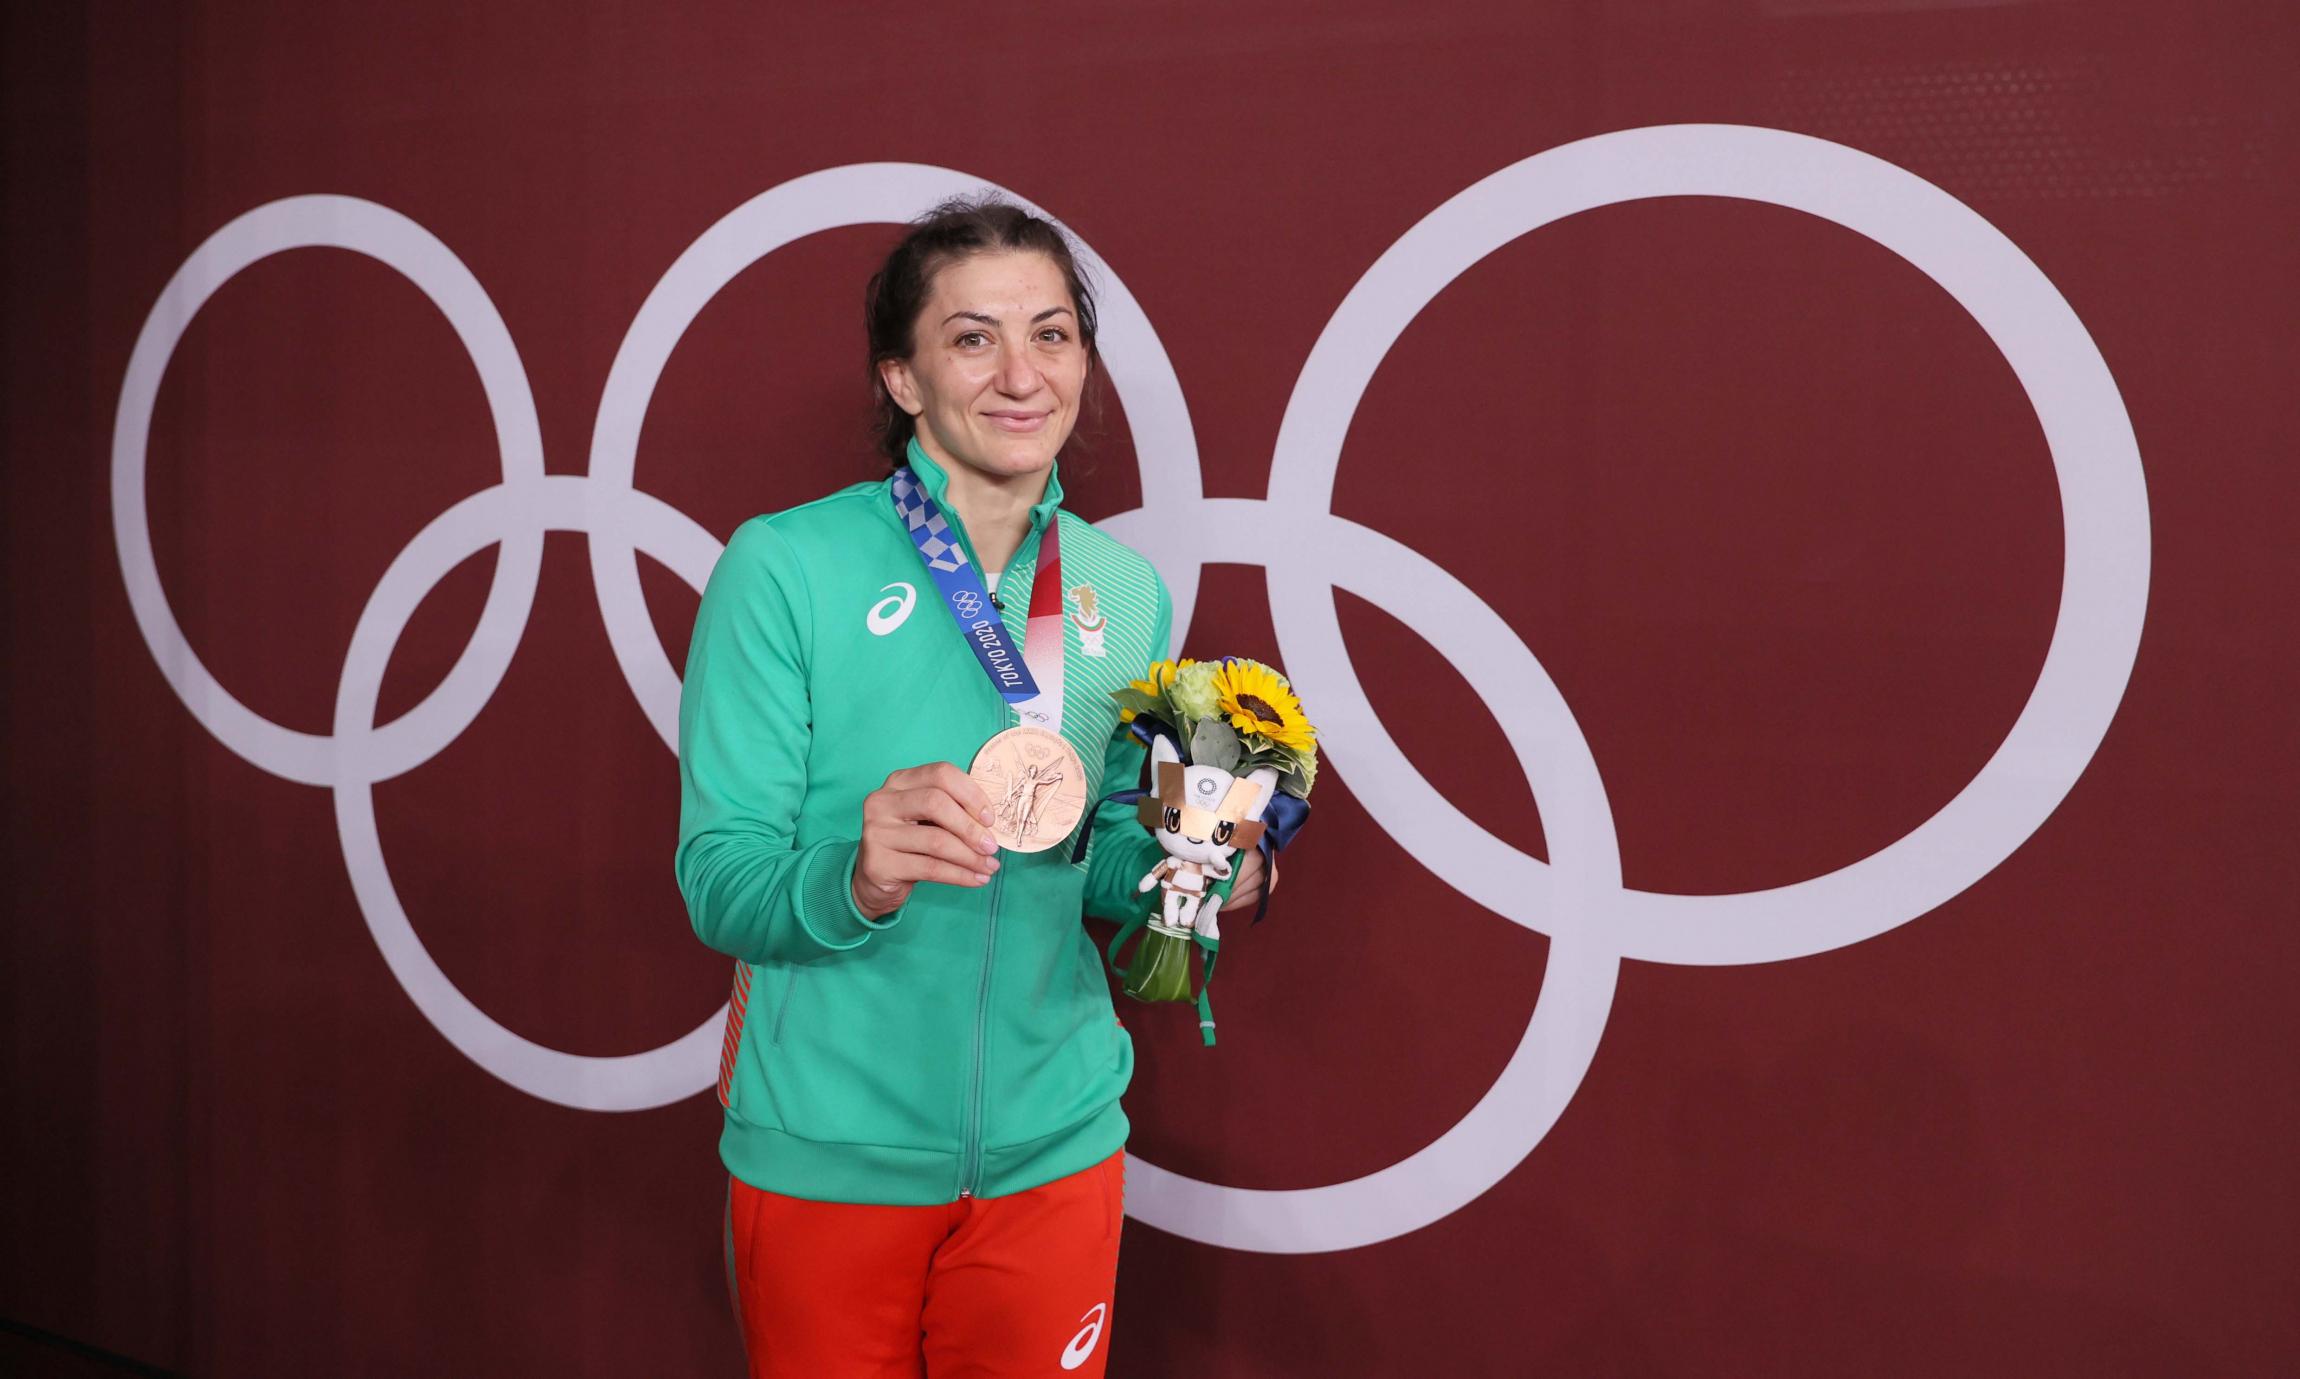 18a-eva-nikolova-medal2.jpg